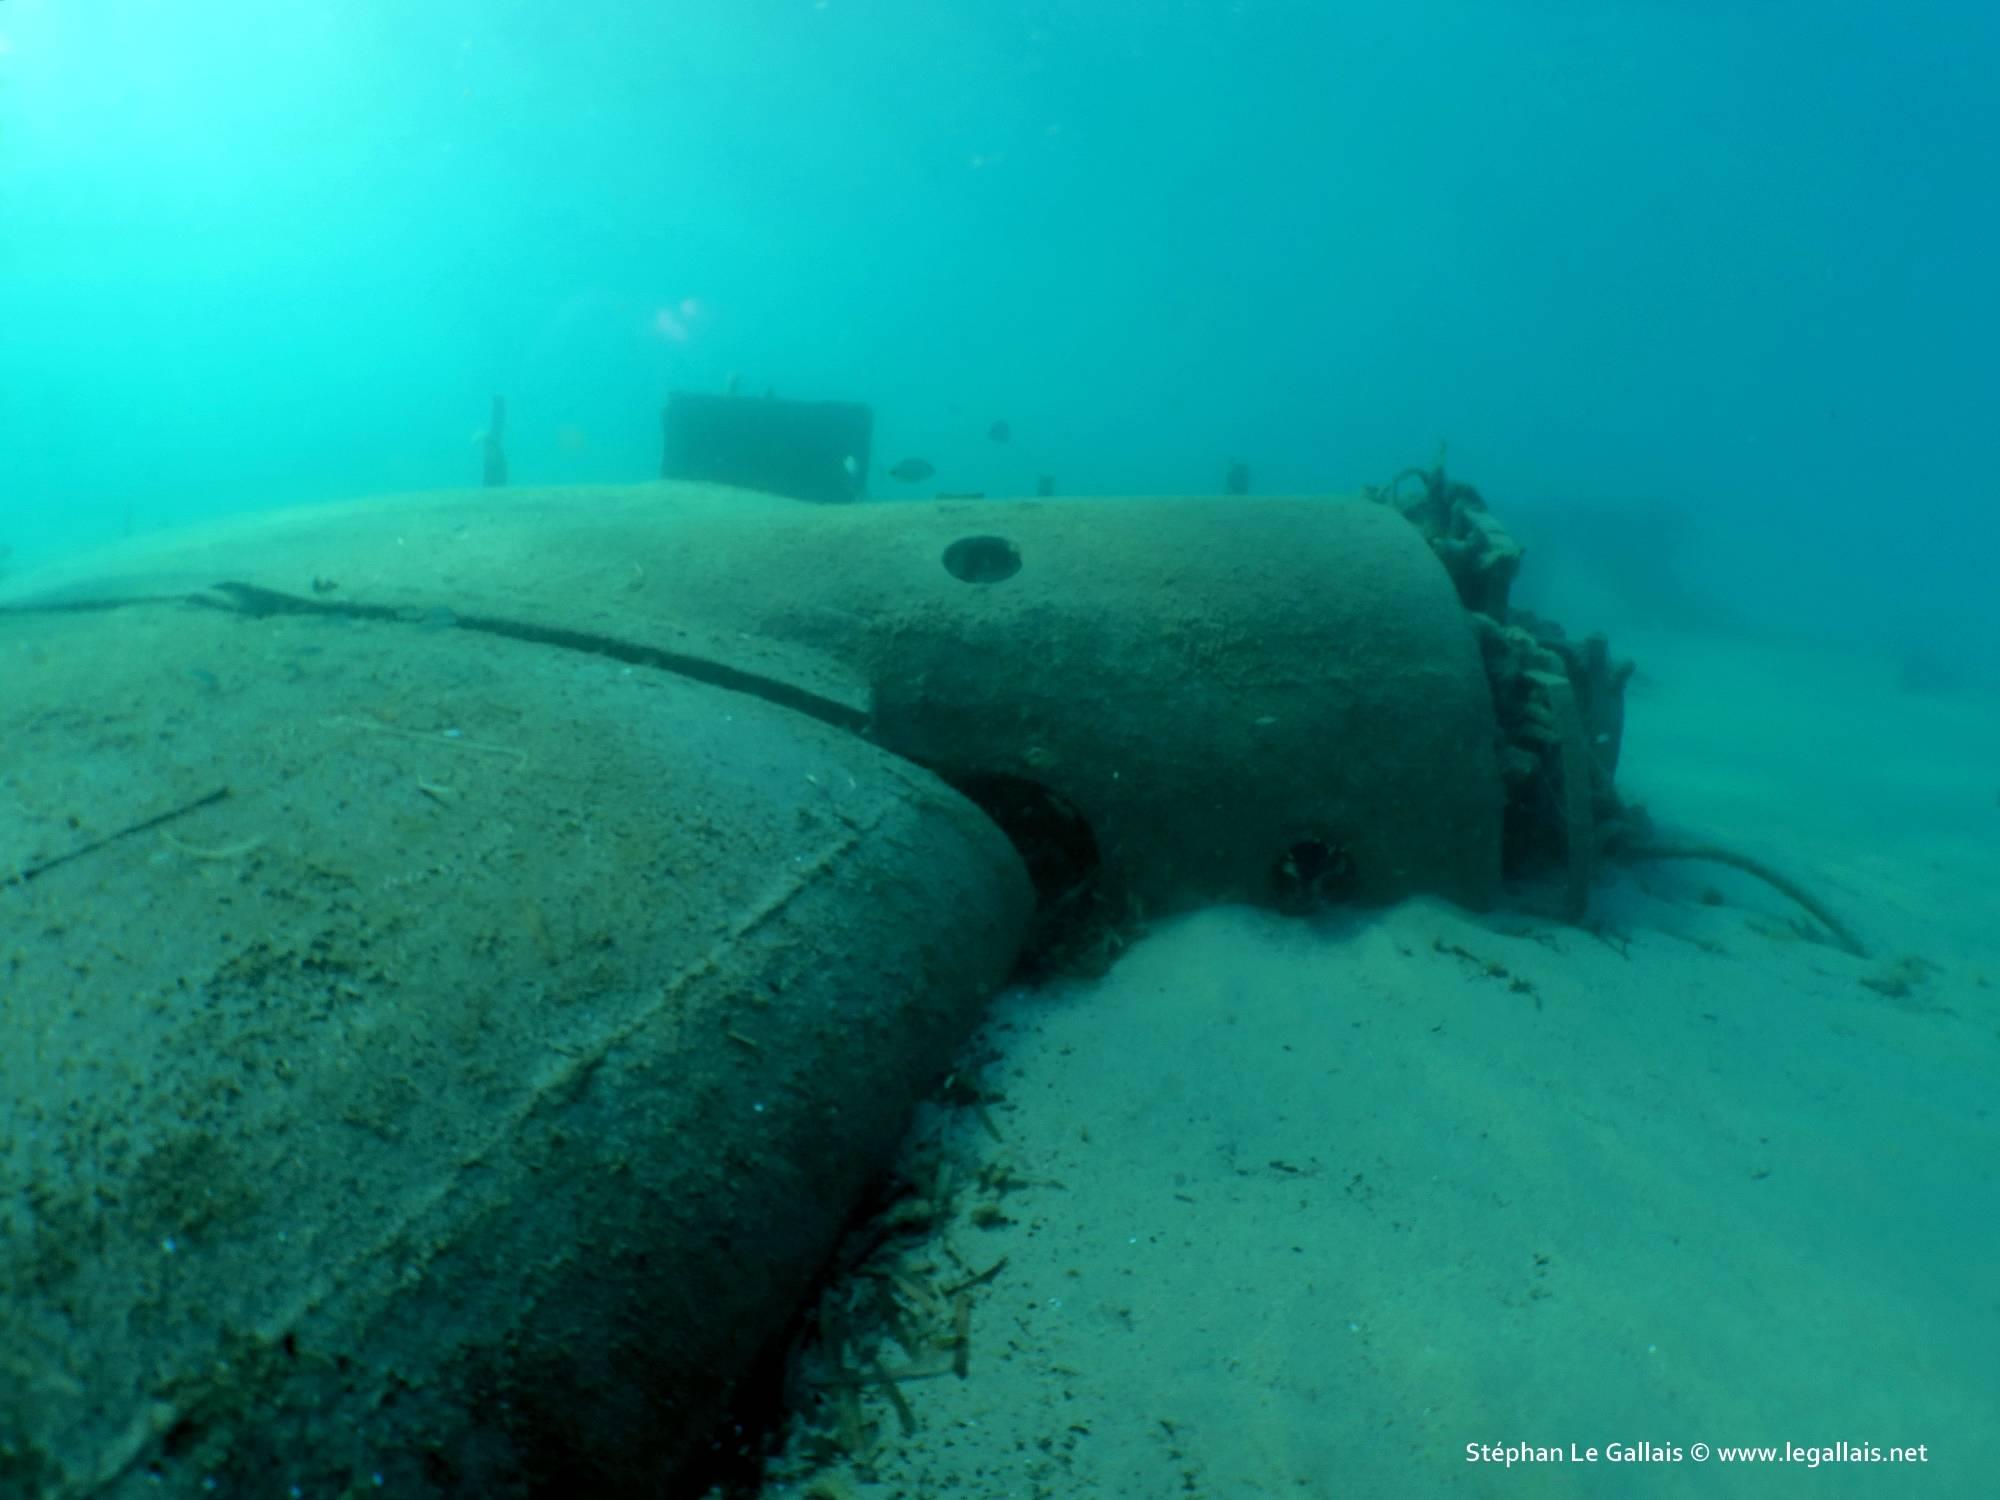 L'épave d'un Junkers Ju 90 de la Lufthansa découverte devant Bastia